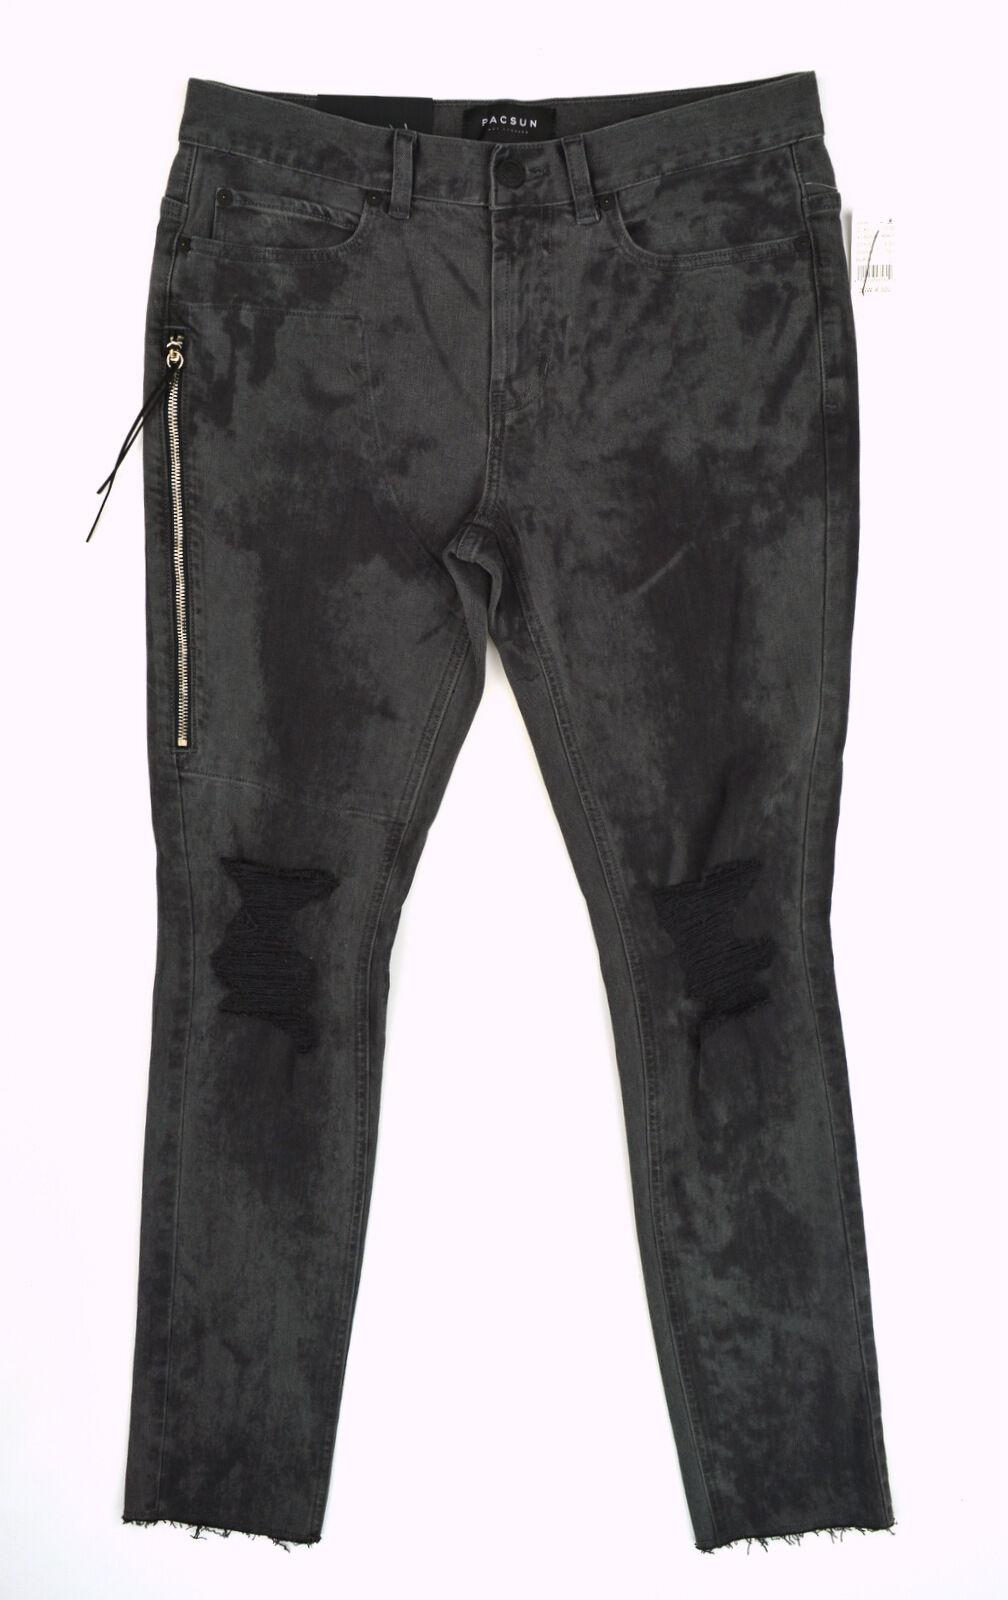 Nwt Pacsun Herren Gestapelt Skinny Grau Schwarz Zerschnitten Knie Roh  | Vielfalt  | Produktqualität  | Schön